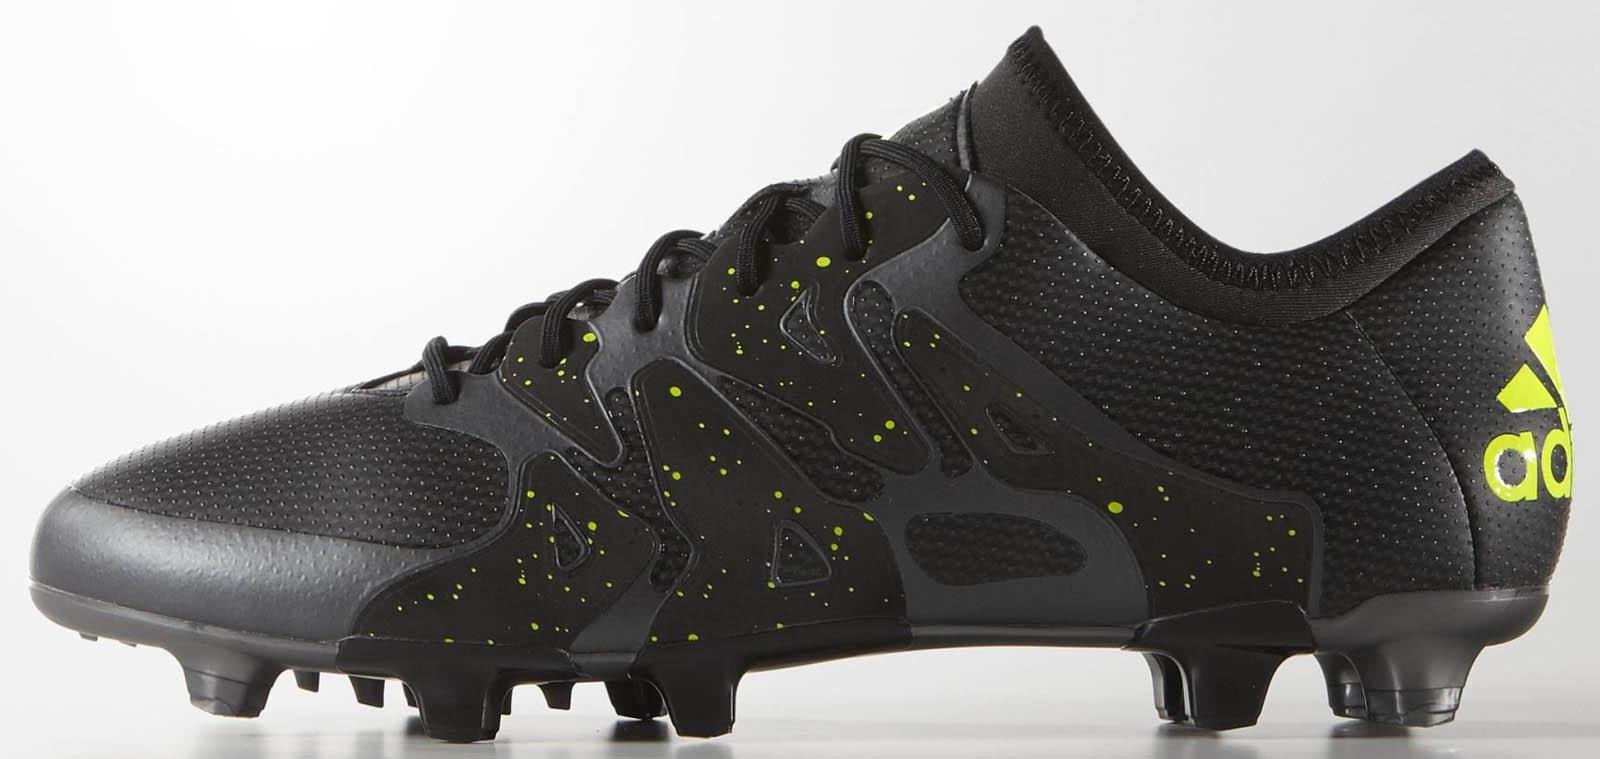 Adidas Fußballschuhe 2015 Schwarz